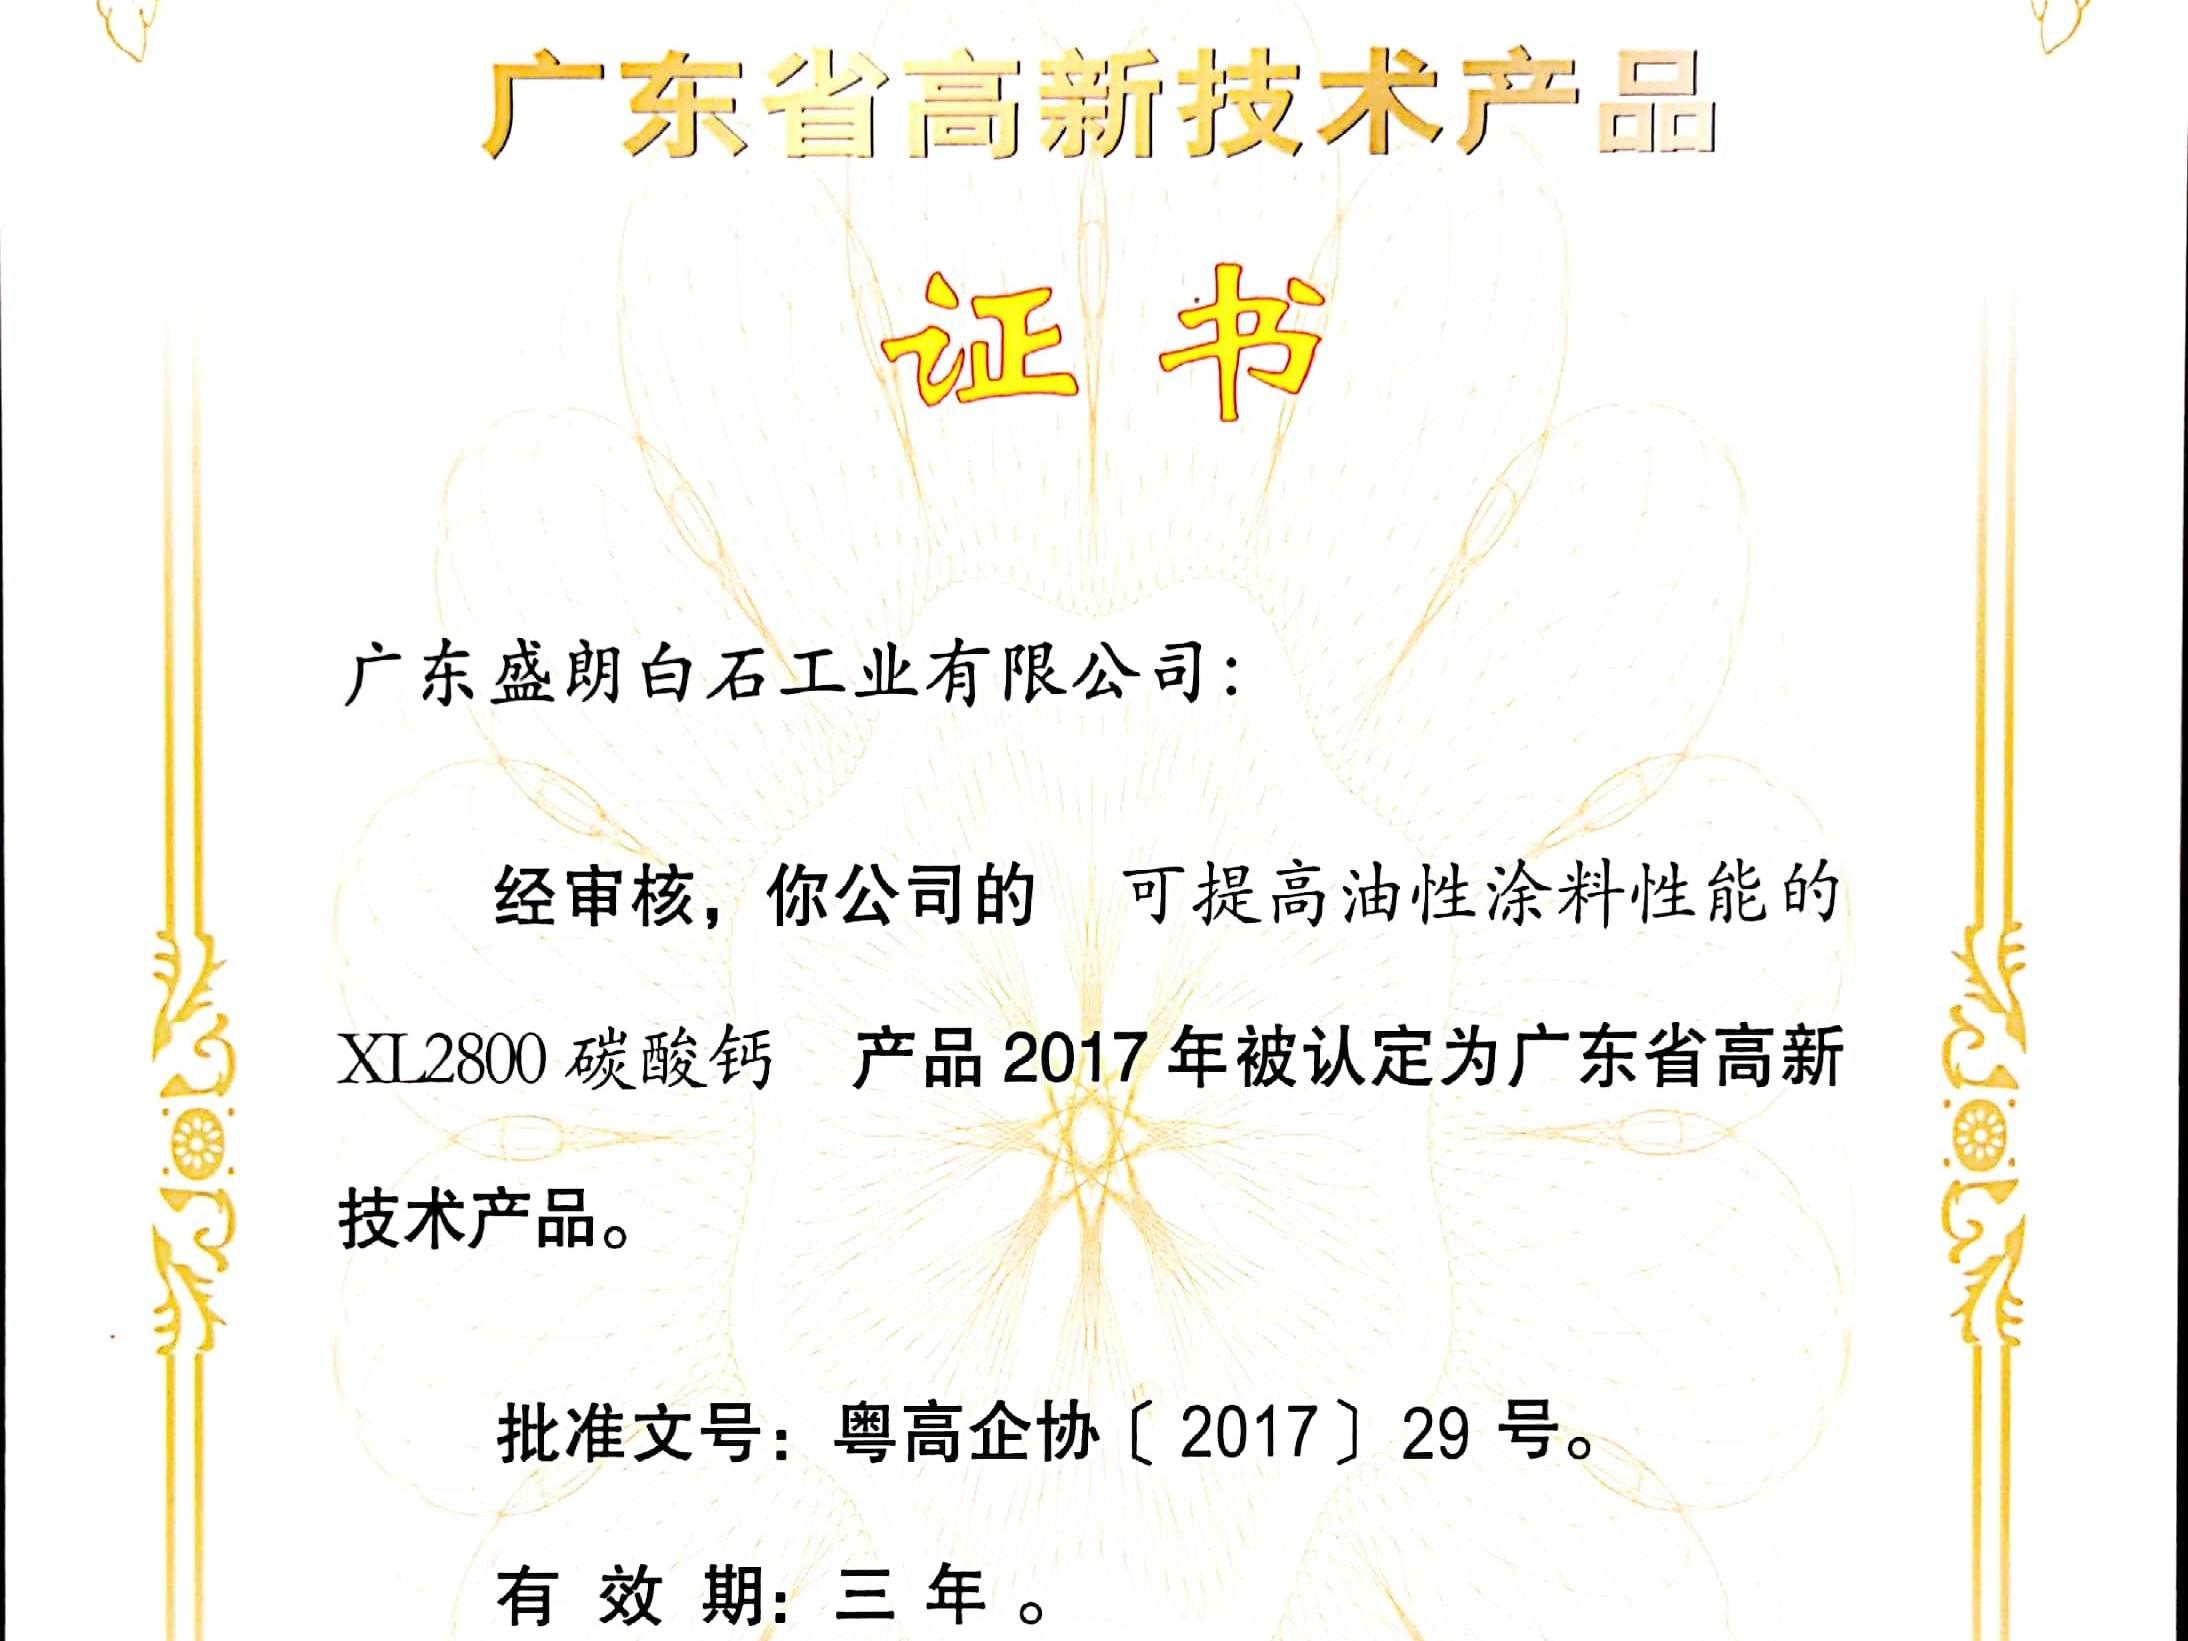 盛朗白石-XL2800高新技术证书